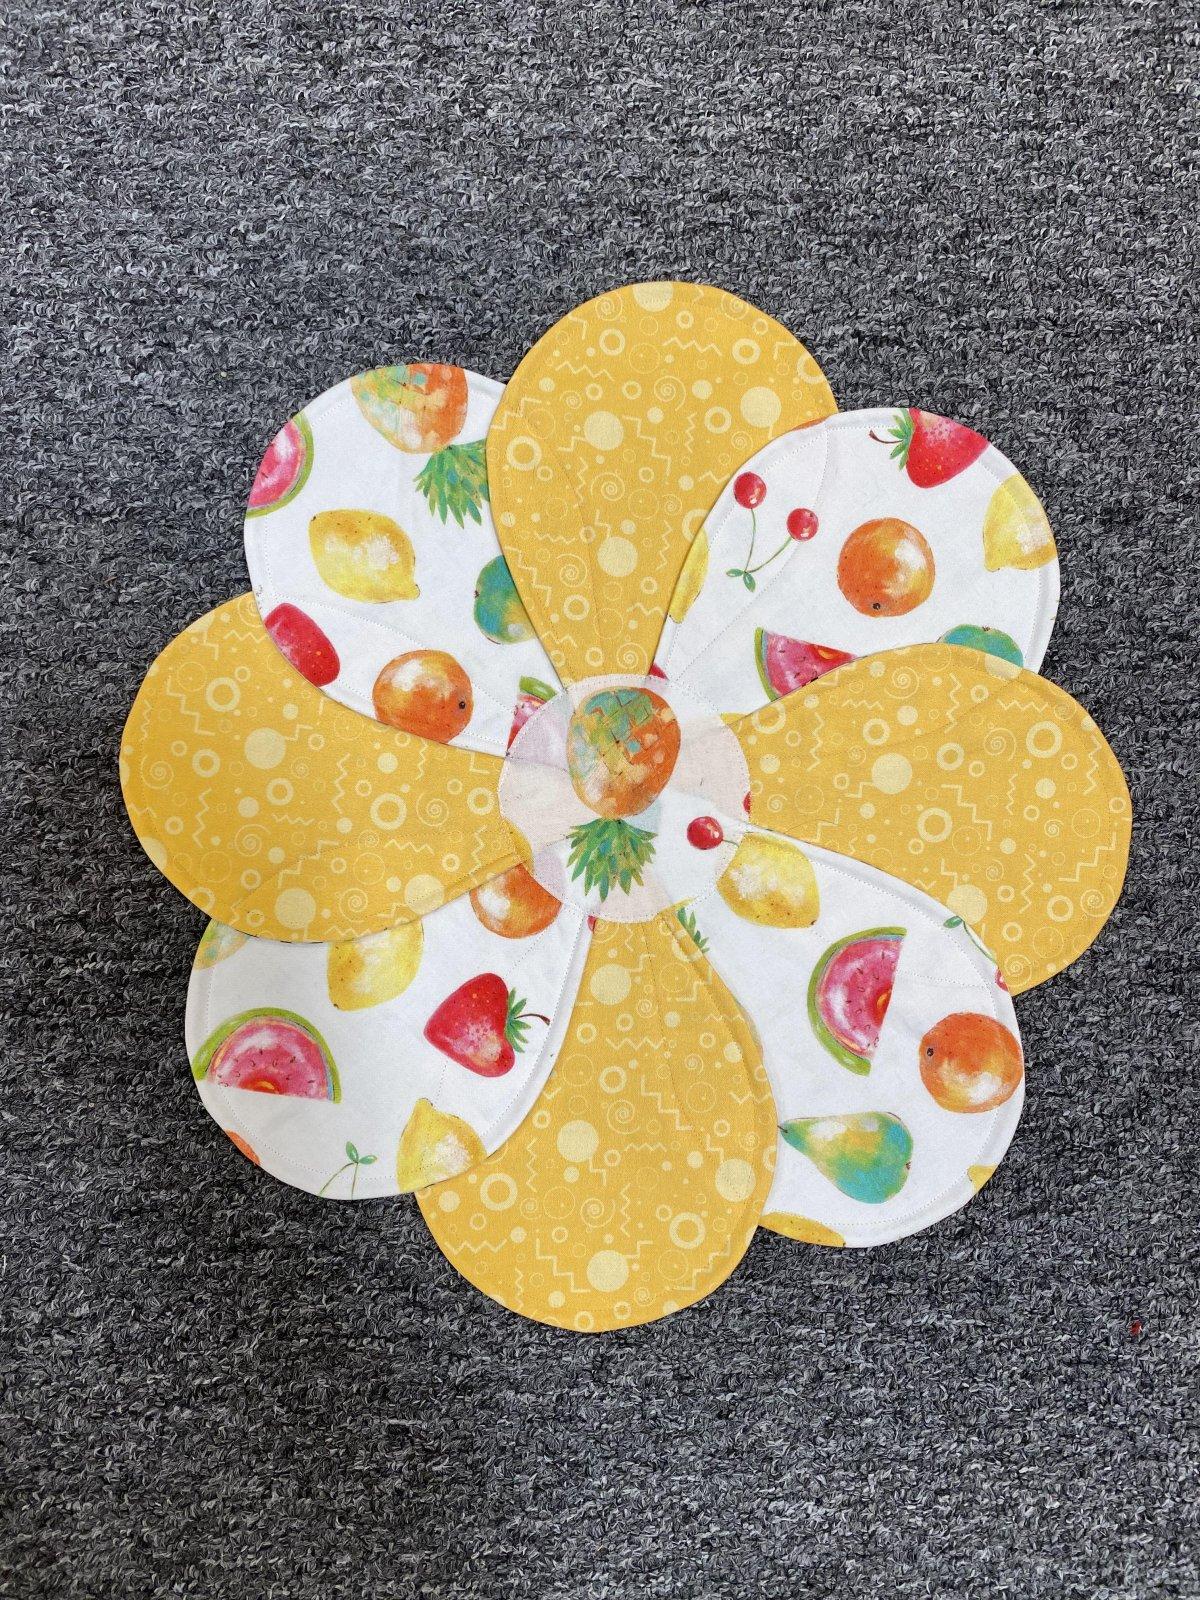 Flower Petal Kit - Fruit